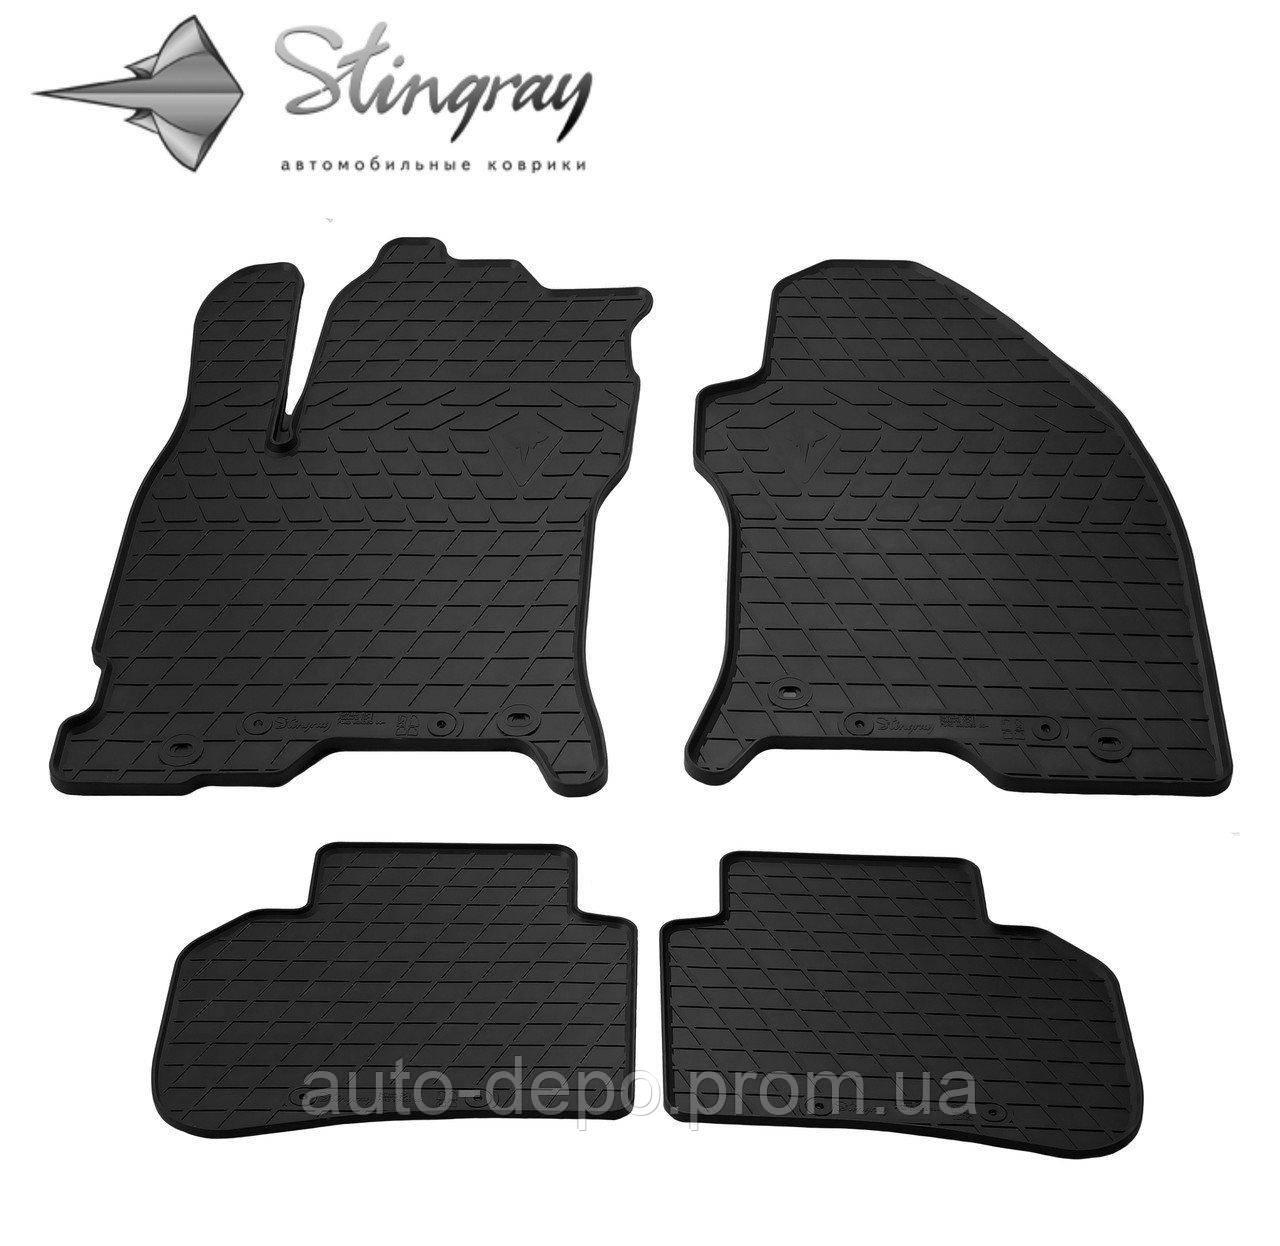 Автомобильные коврики на Ford Mondeo 2000- Stingray